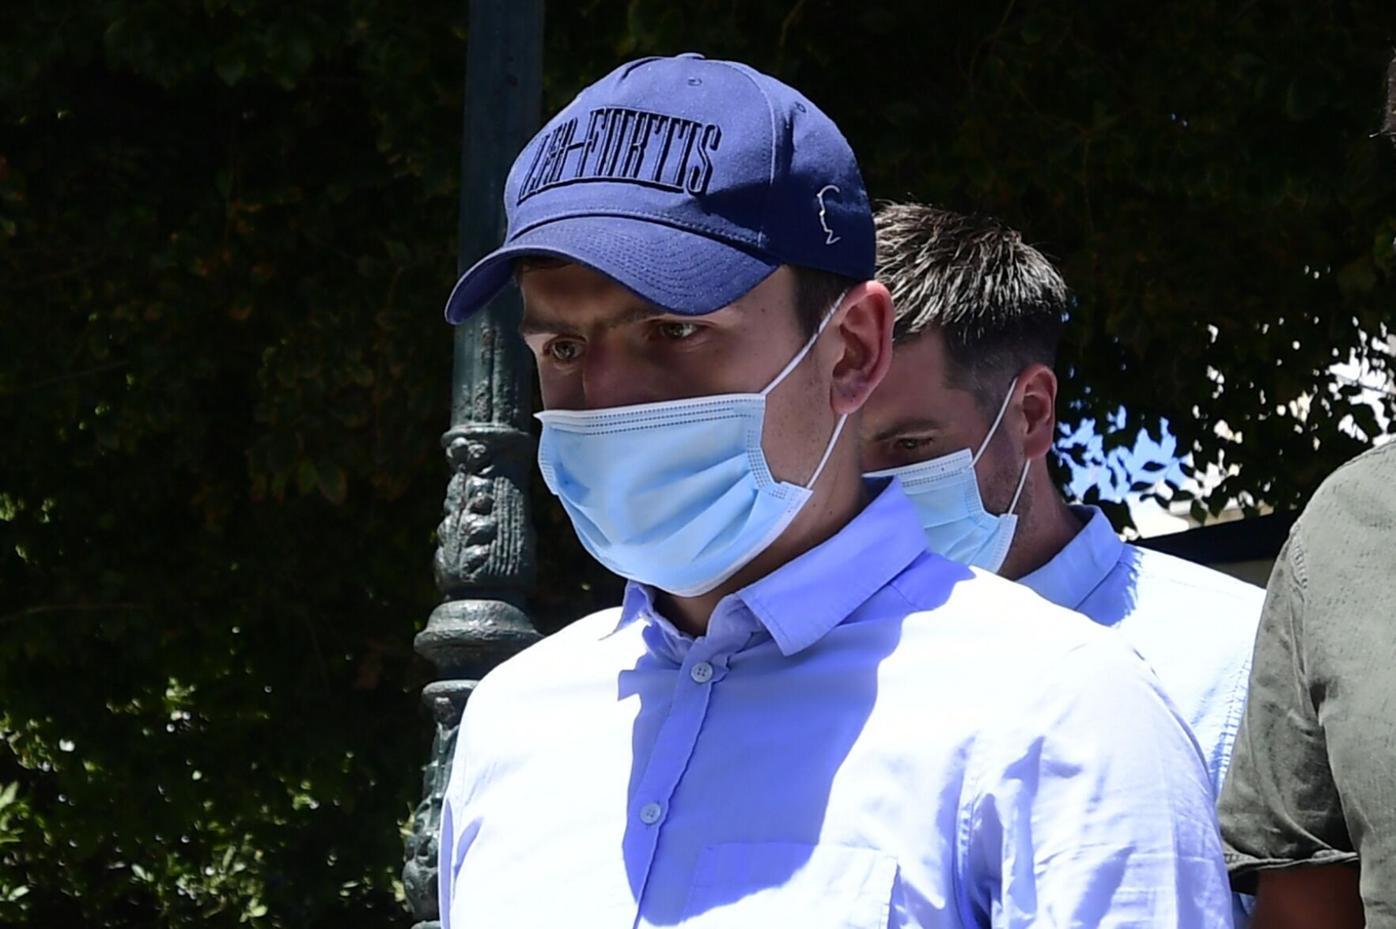 曼联官方声明:马奎尔否认所有指控,他将提请上诉